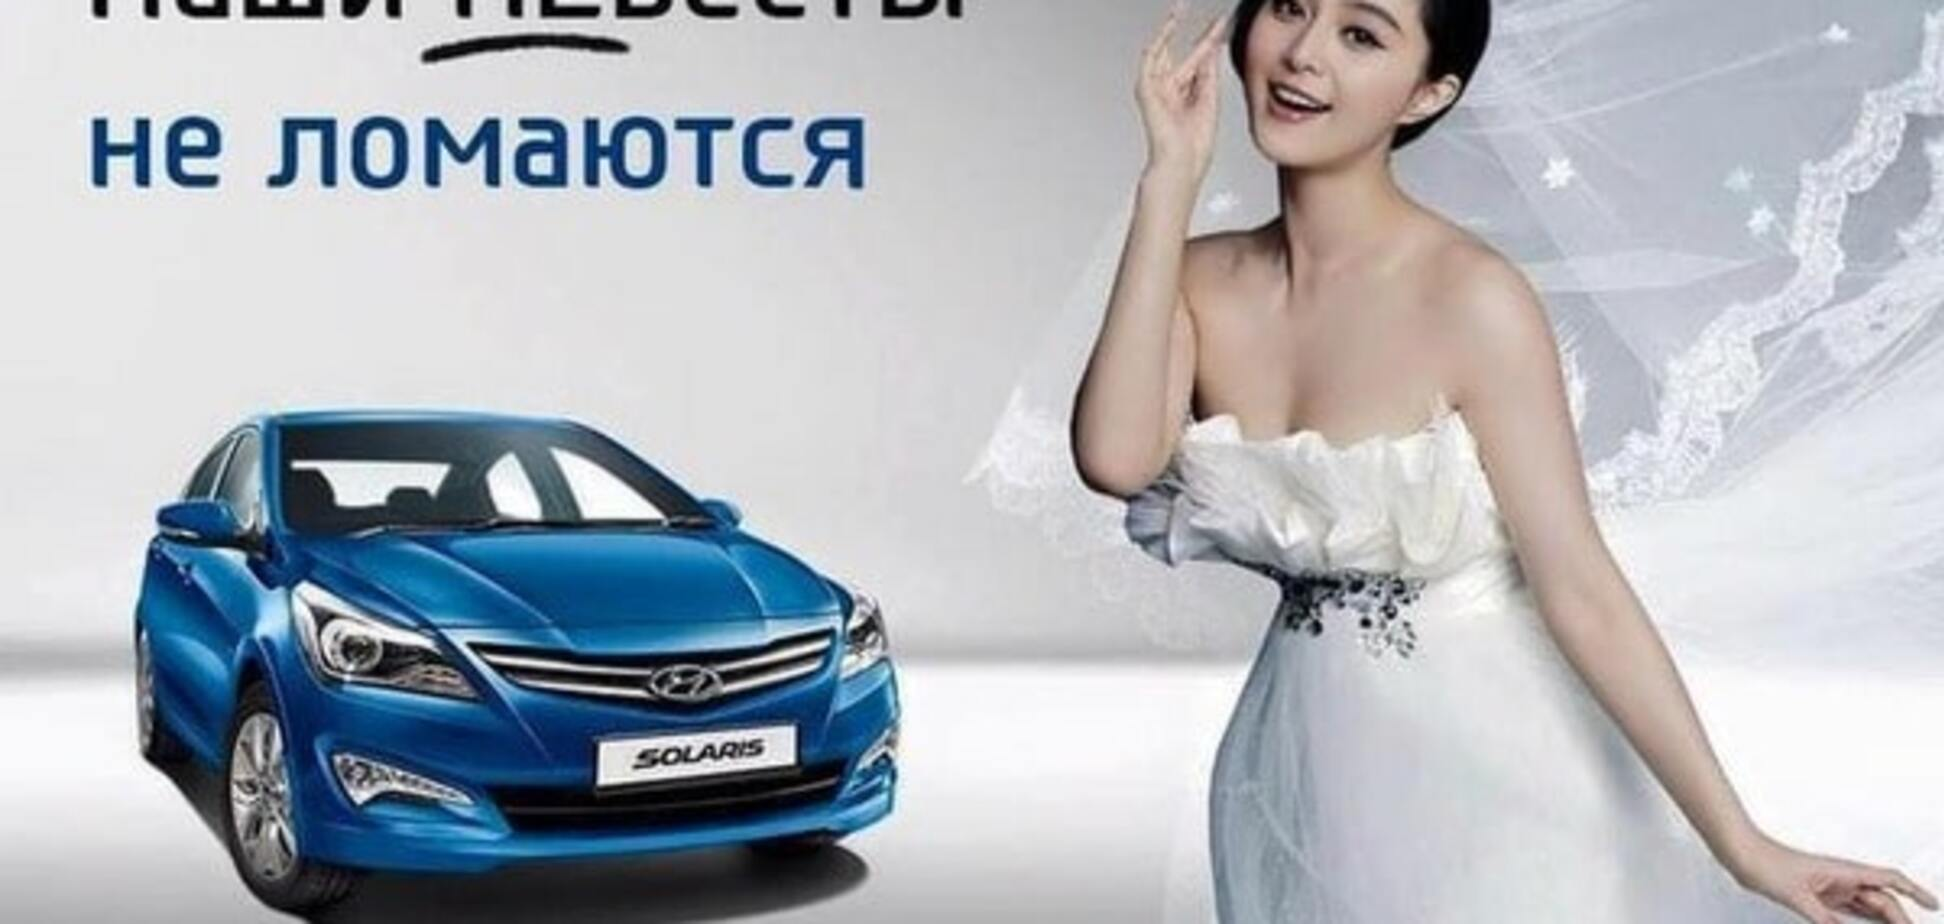 Hyundai протроллил российский АвтоВАЗ в ответ на антирекламу